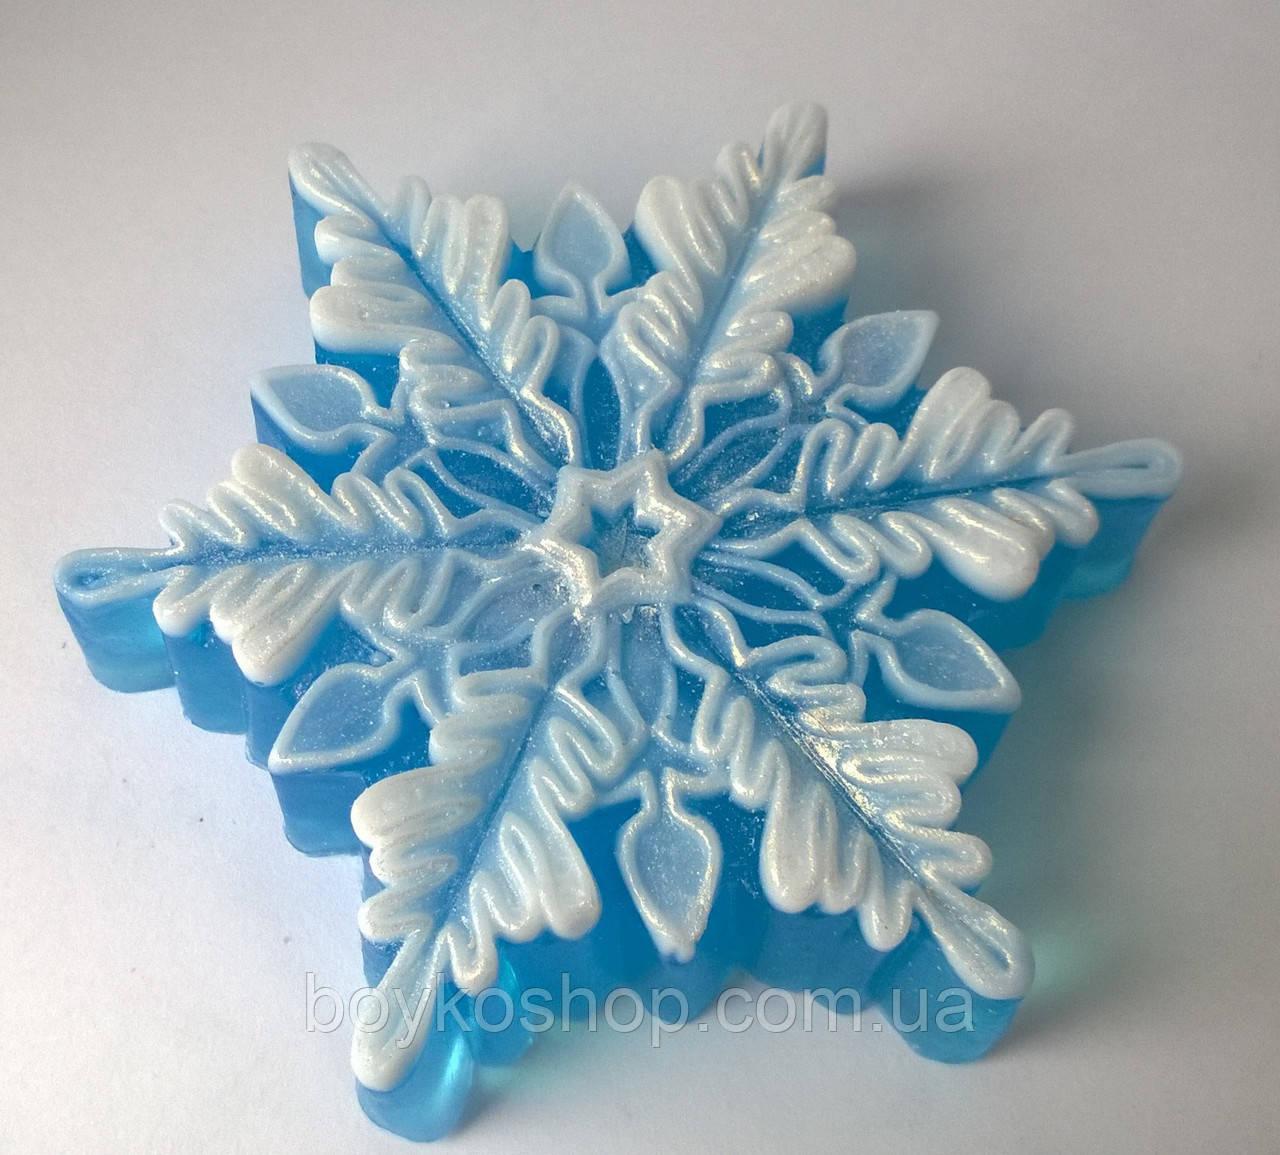 Силиконовая форма снежинка  3D